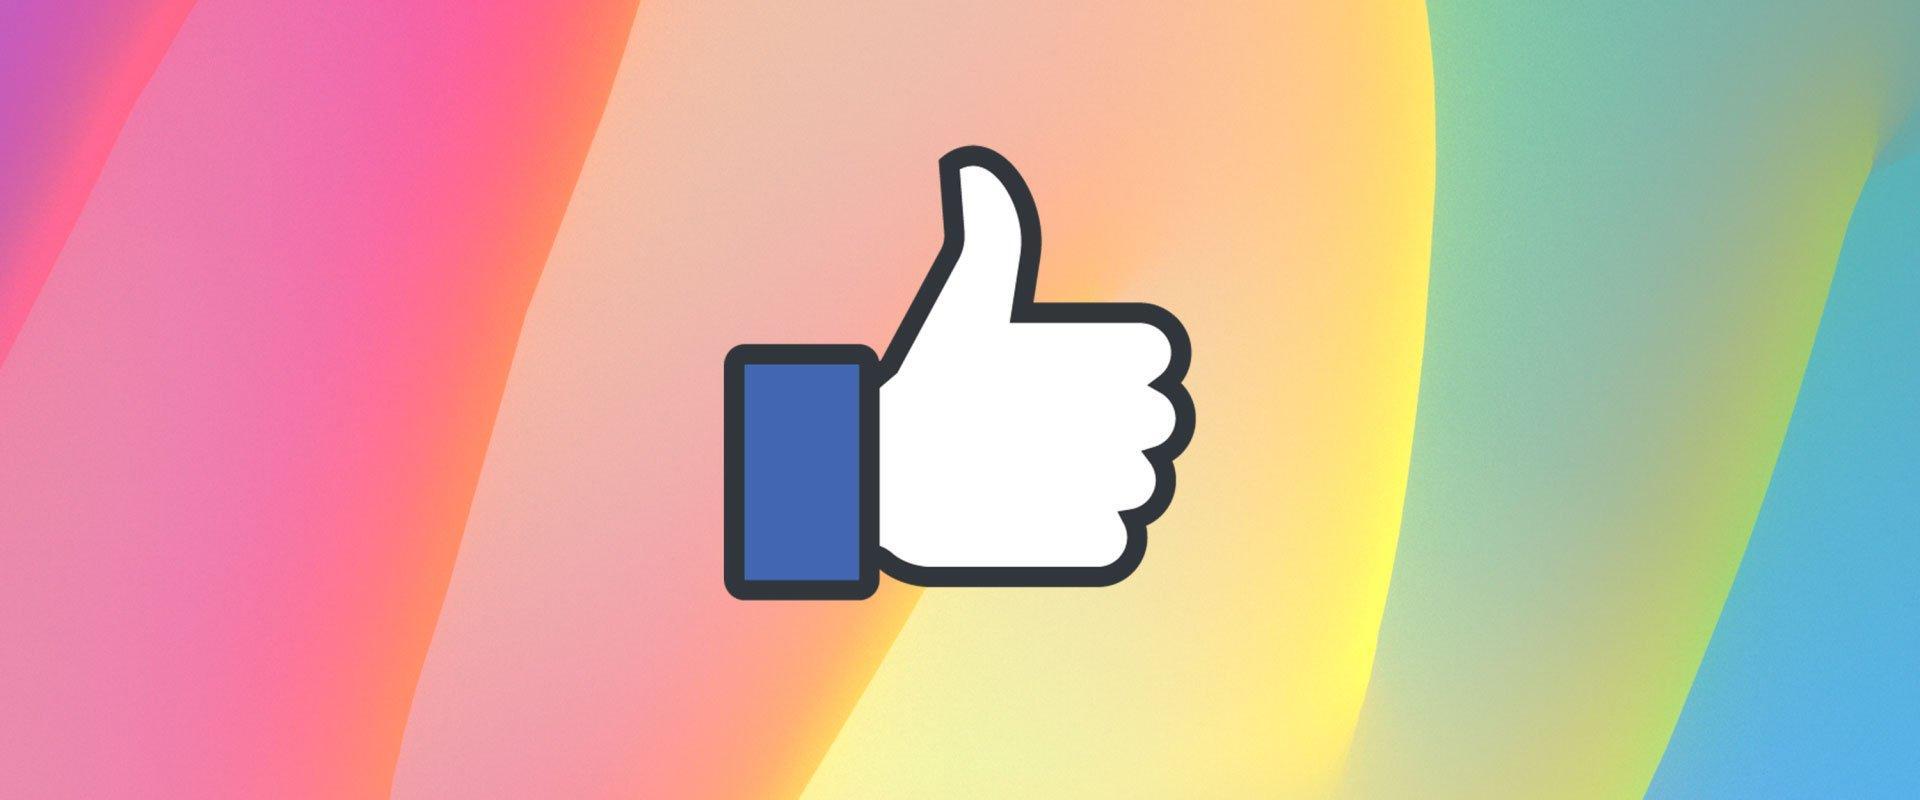 Week in Social: su Facebook arriva Lip Sync, Instagram spiega il suo algoritmo e pensa a video più lunghi